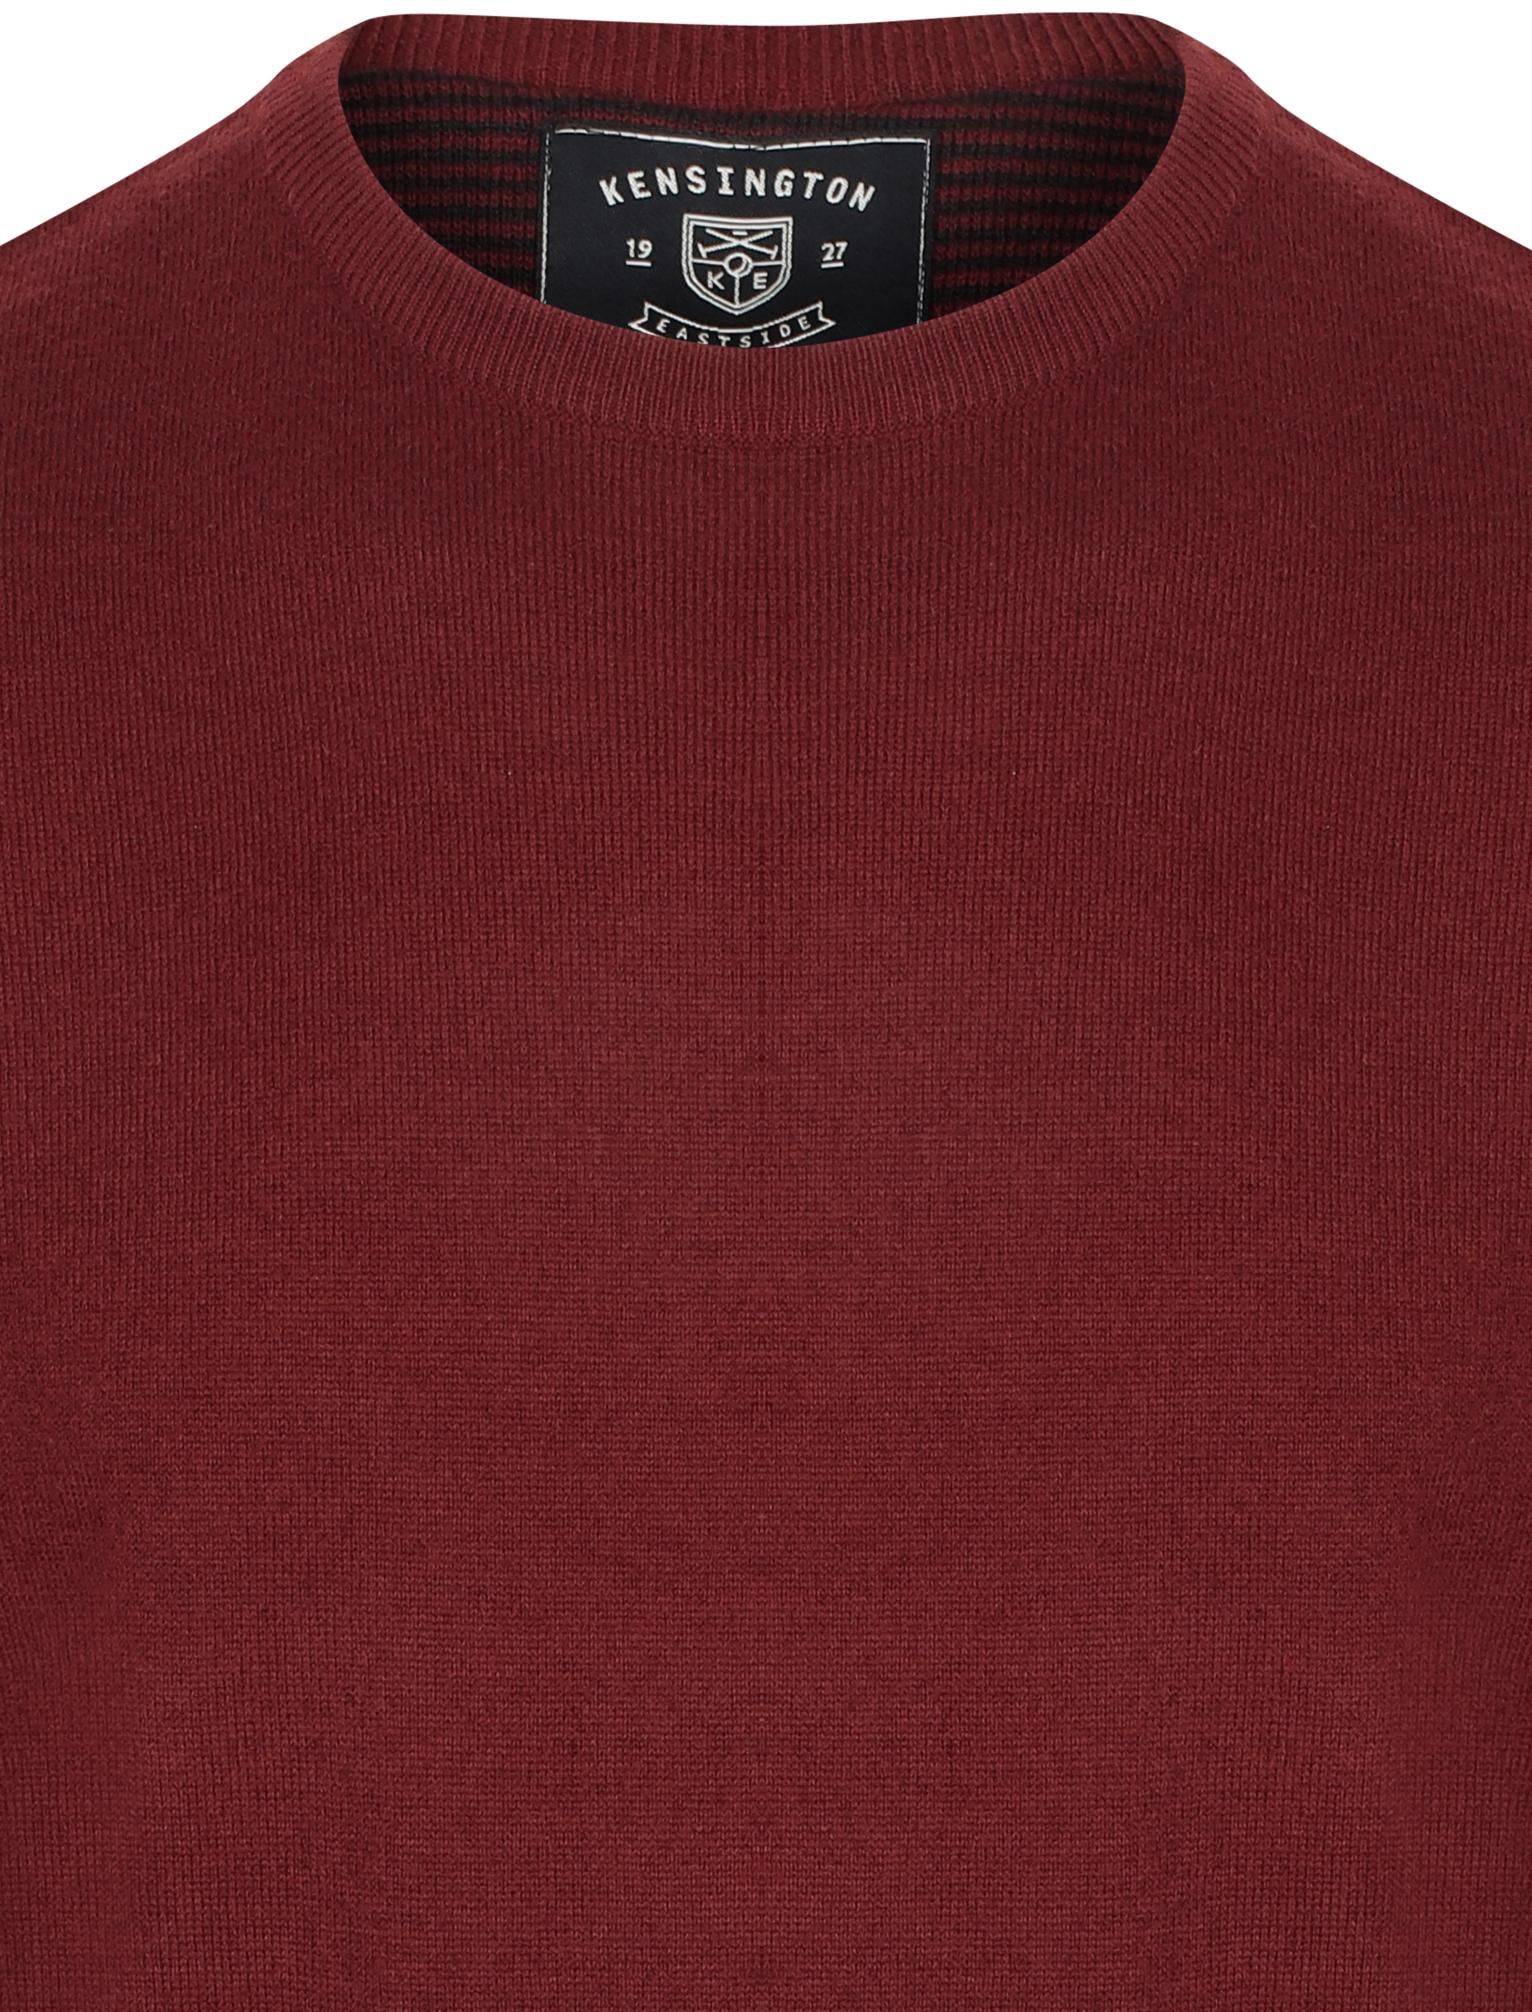 Kensington-Eastside-Men-039-s-Wool-Blend-Knitted-Crew-or-V-Neck-Jumper-Sweater-Top thumbnail 16